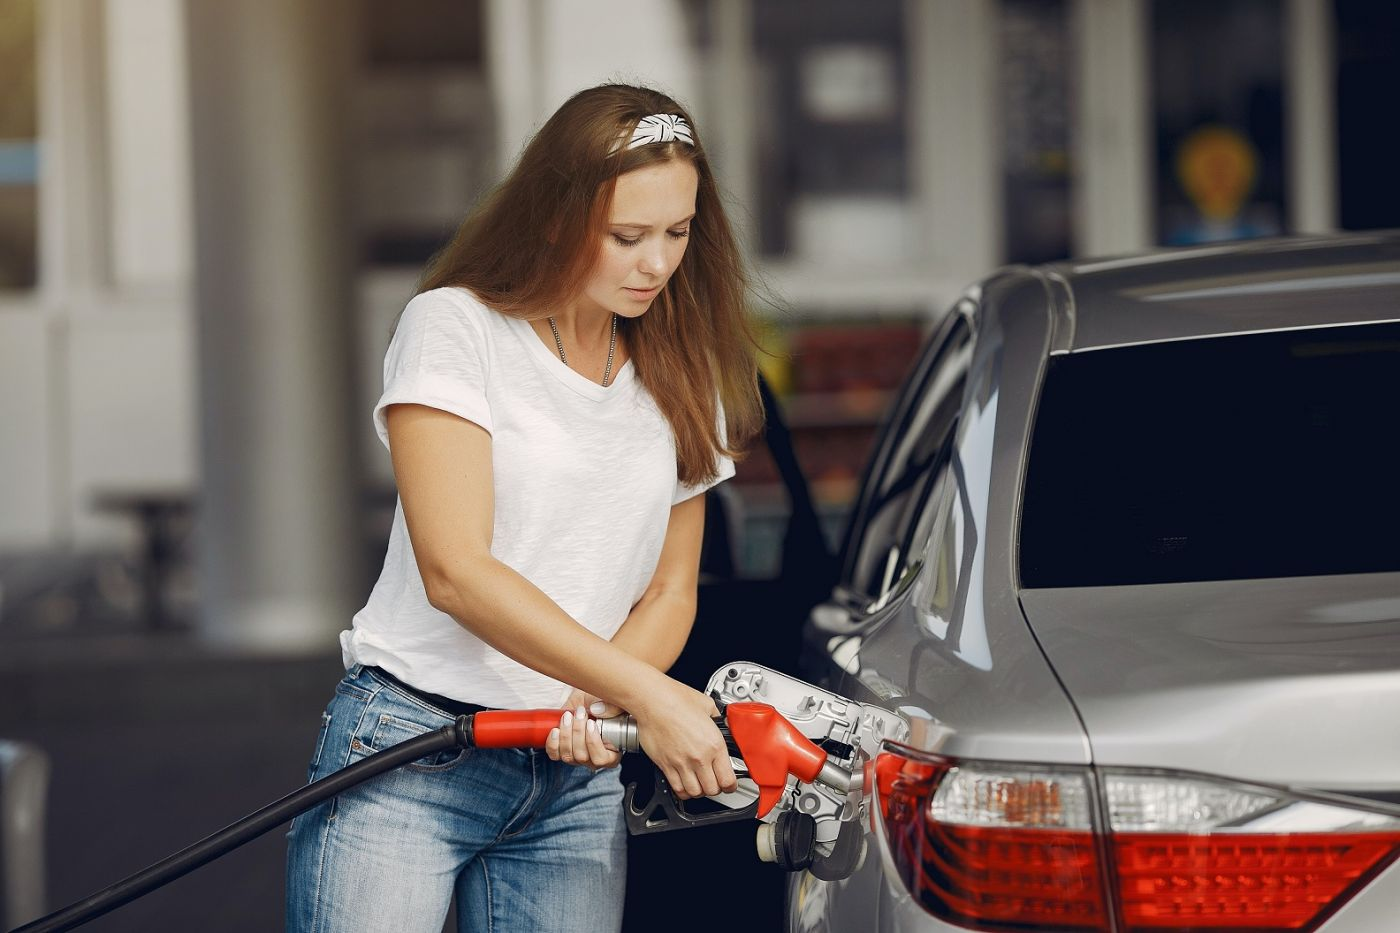 Posto De Combustivel Pode Optar Pelo Simples Nacional - Auster Inteligência Contábil